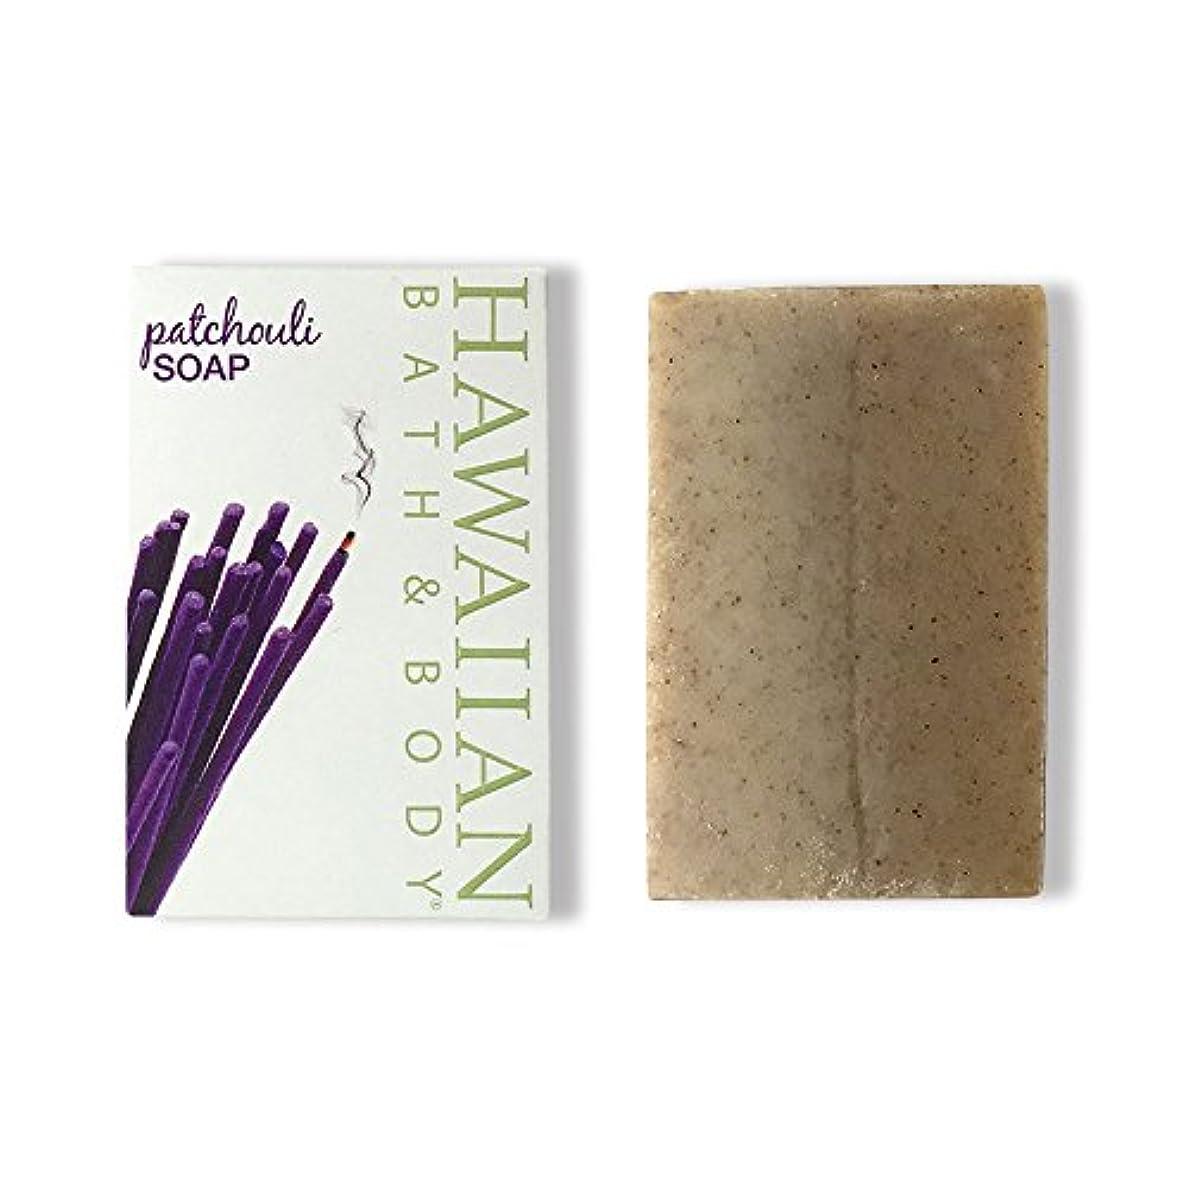 一時停止信頼性のある姿勢ハワイアンバス&ボディ パチュリ?ナチュラルソープ ( Pachouli Soap )